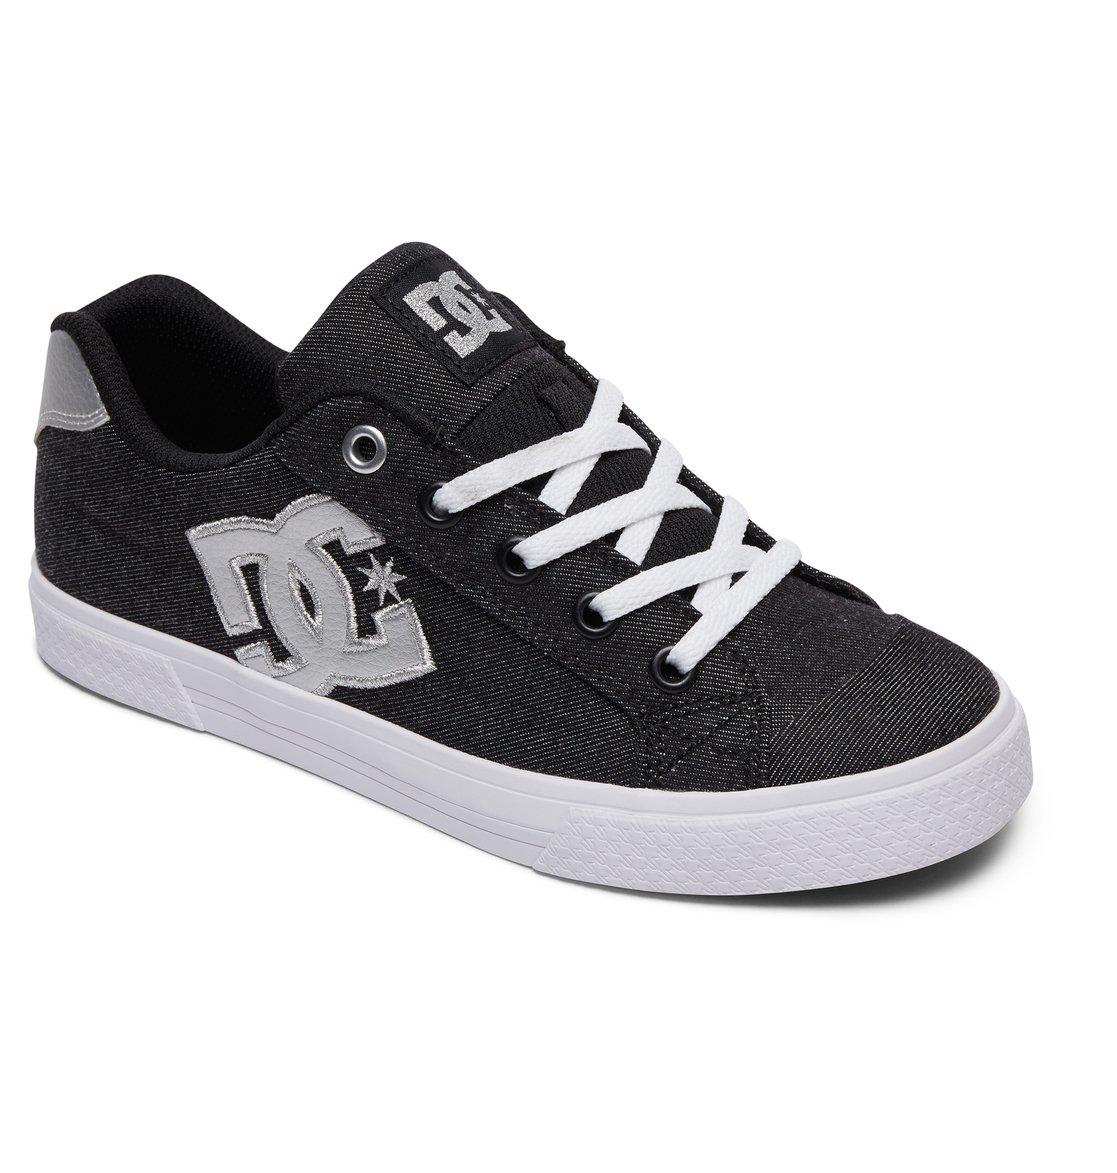 DC Shoes Chelsea Se - Shoes - Chaussures - Fille 8-16 Ans